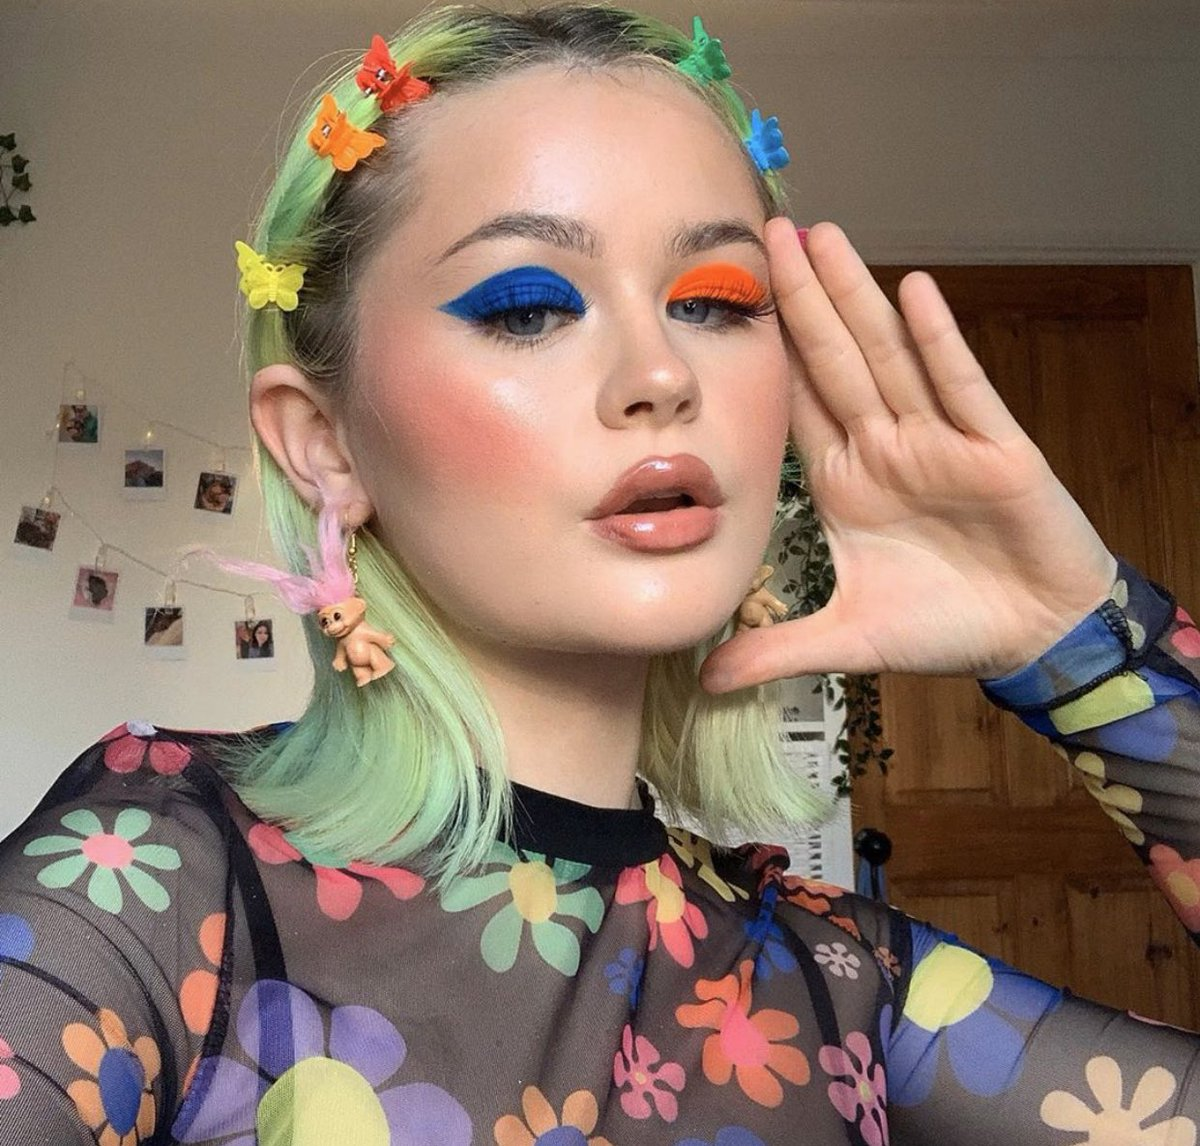 makeup-trend-mismatched-eyes